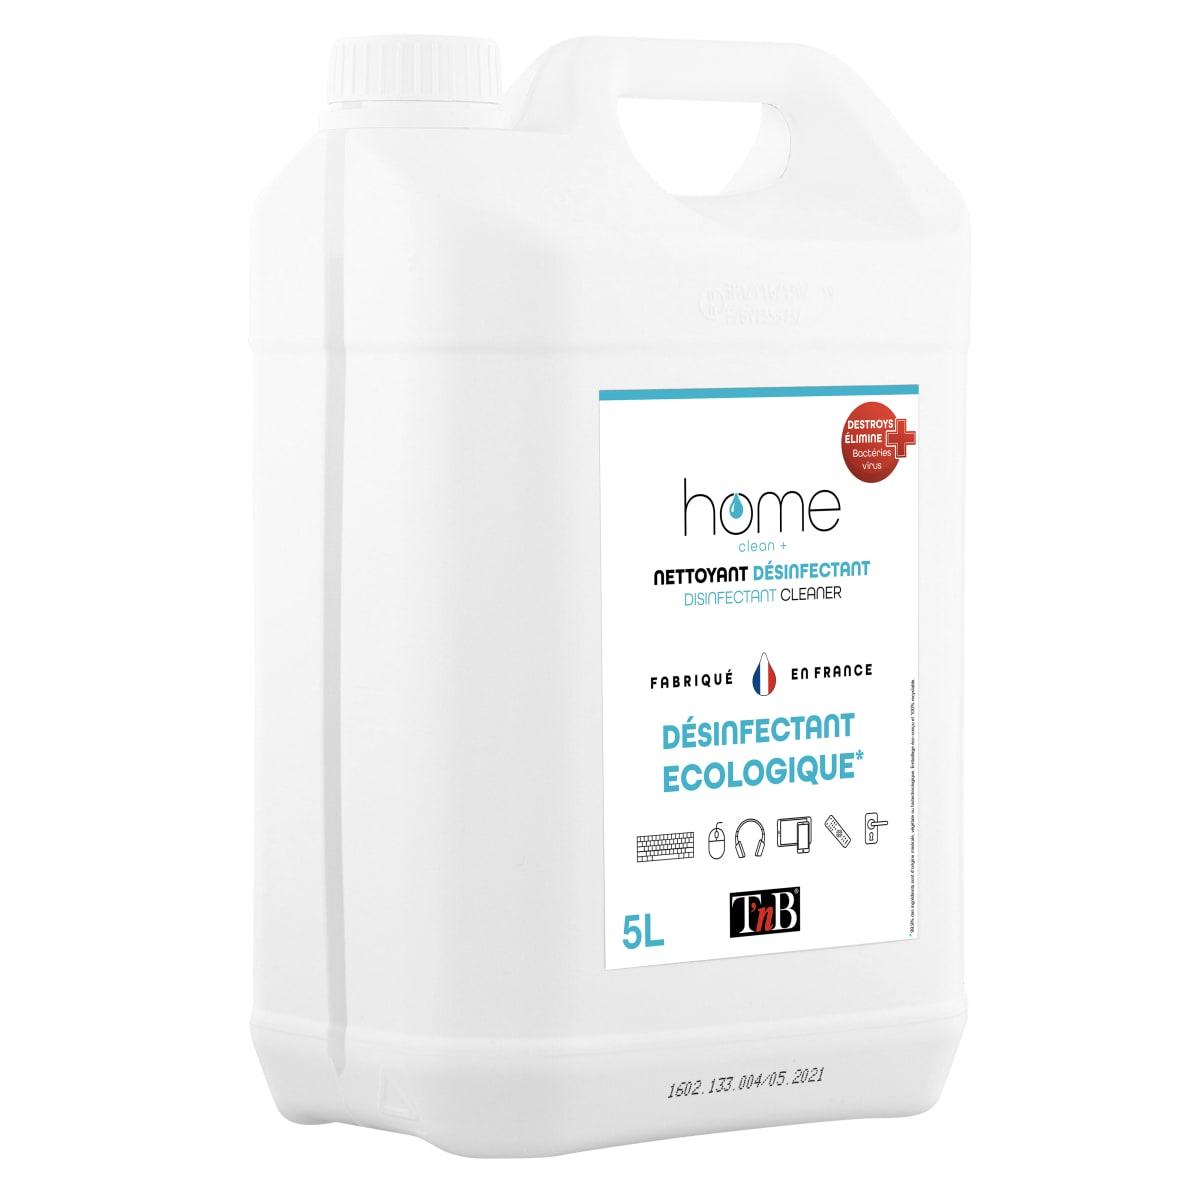 Nettoyant désinfectant 5L